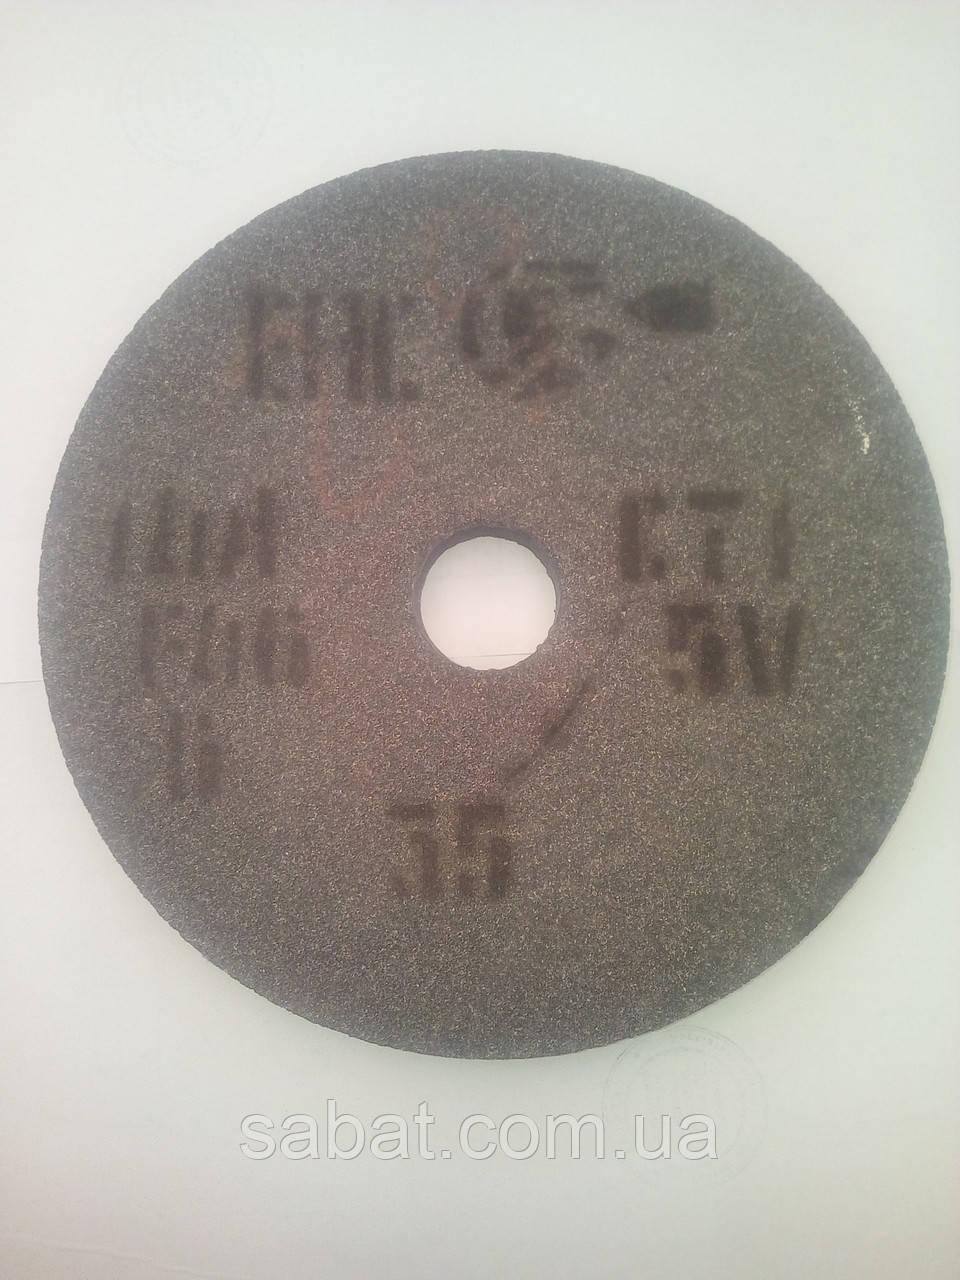 Круг шлифовальный серый 14А F46-80 СТ-СМ 175х20х32